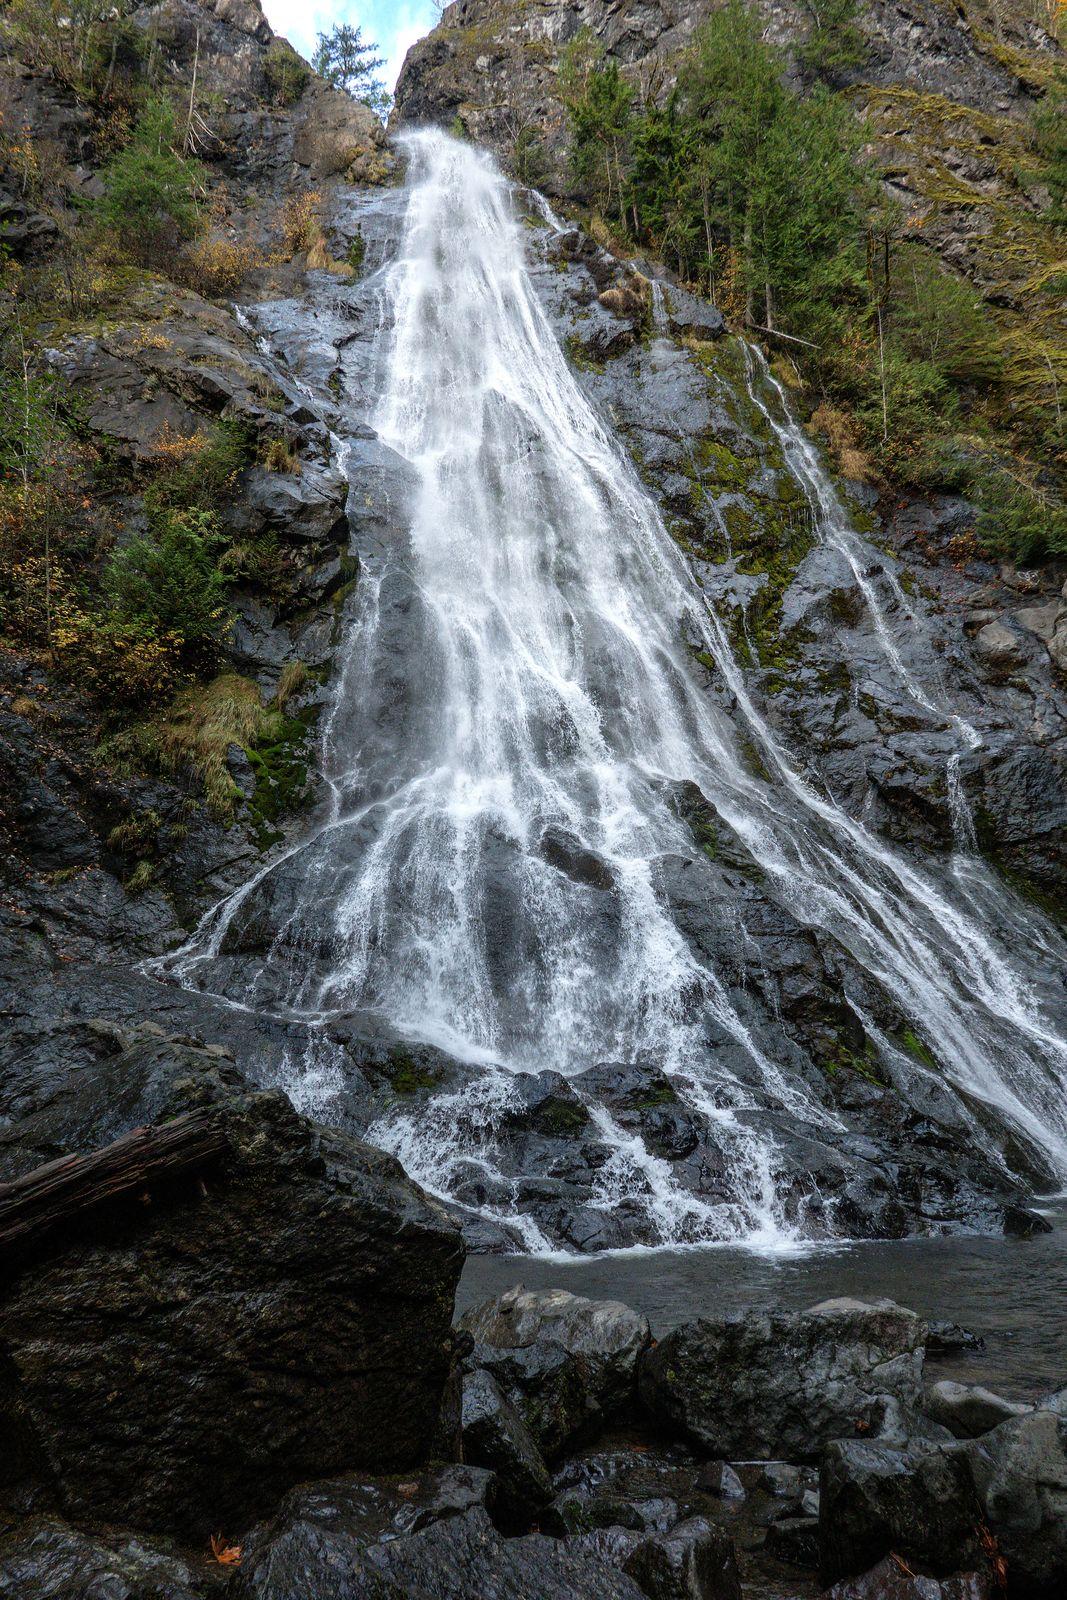 Rocky Brook Falls cascades down 229 feet over a dark rock wall